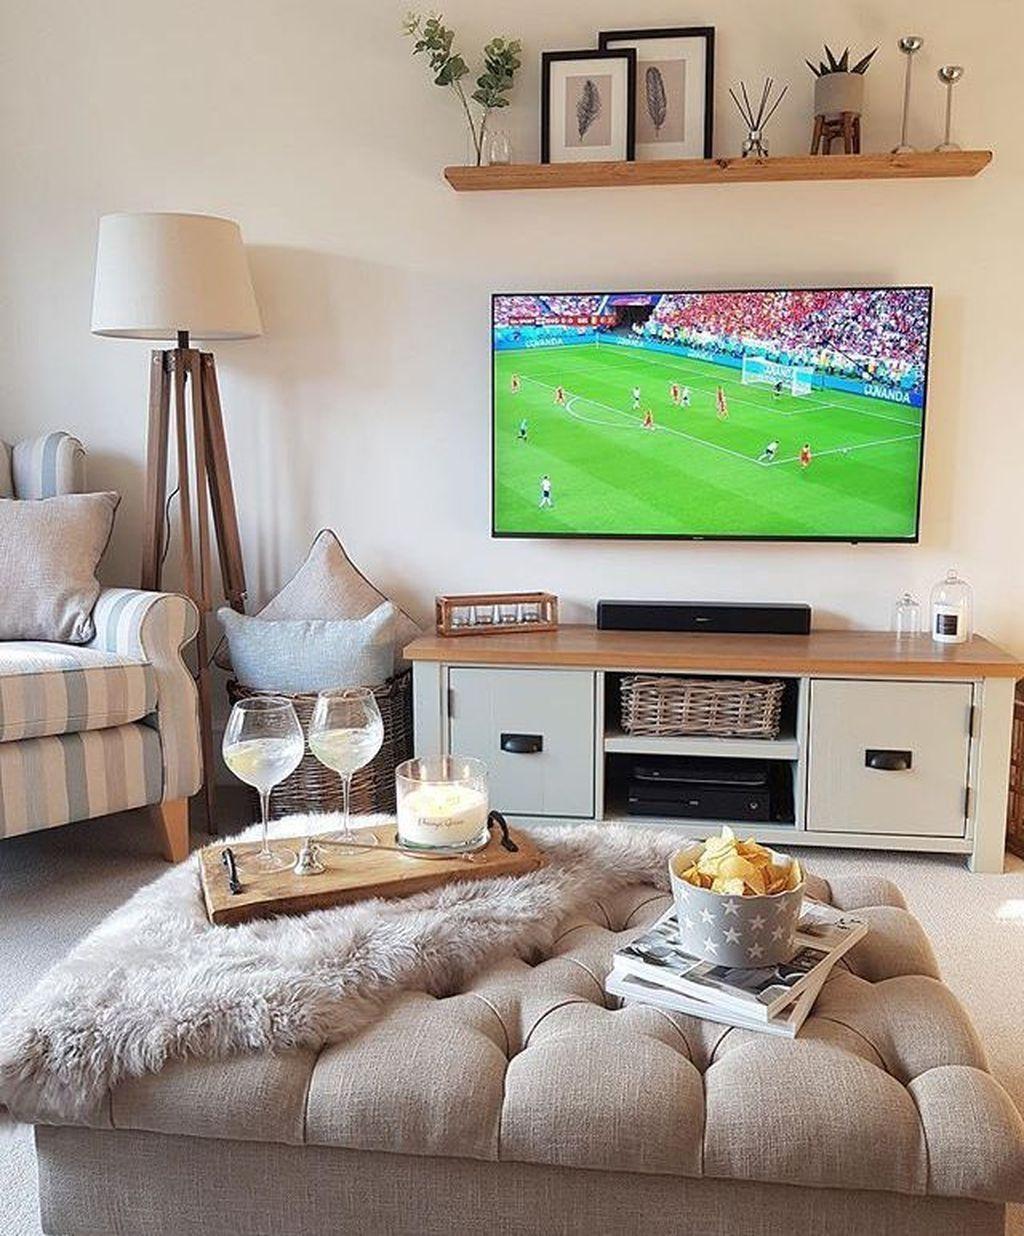 32 Inspiring Bedroom Tv Wall Design Ideas Bedroom Tv Wall Snug Room Cosy Living Room